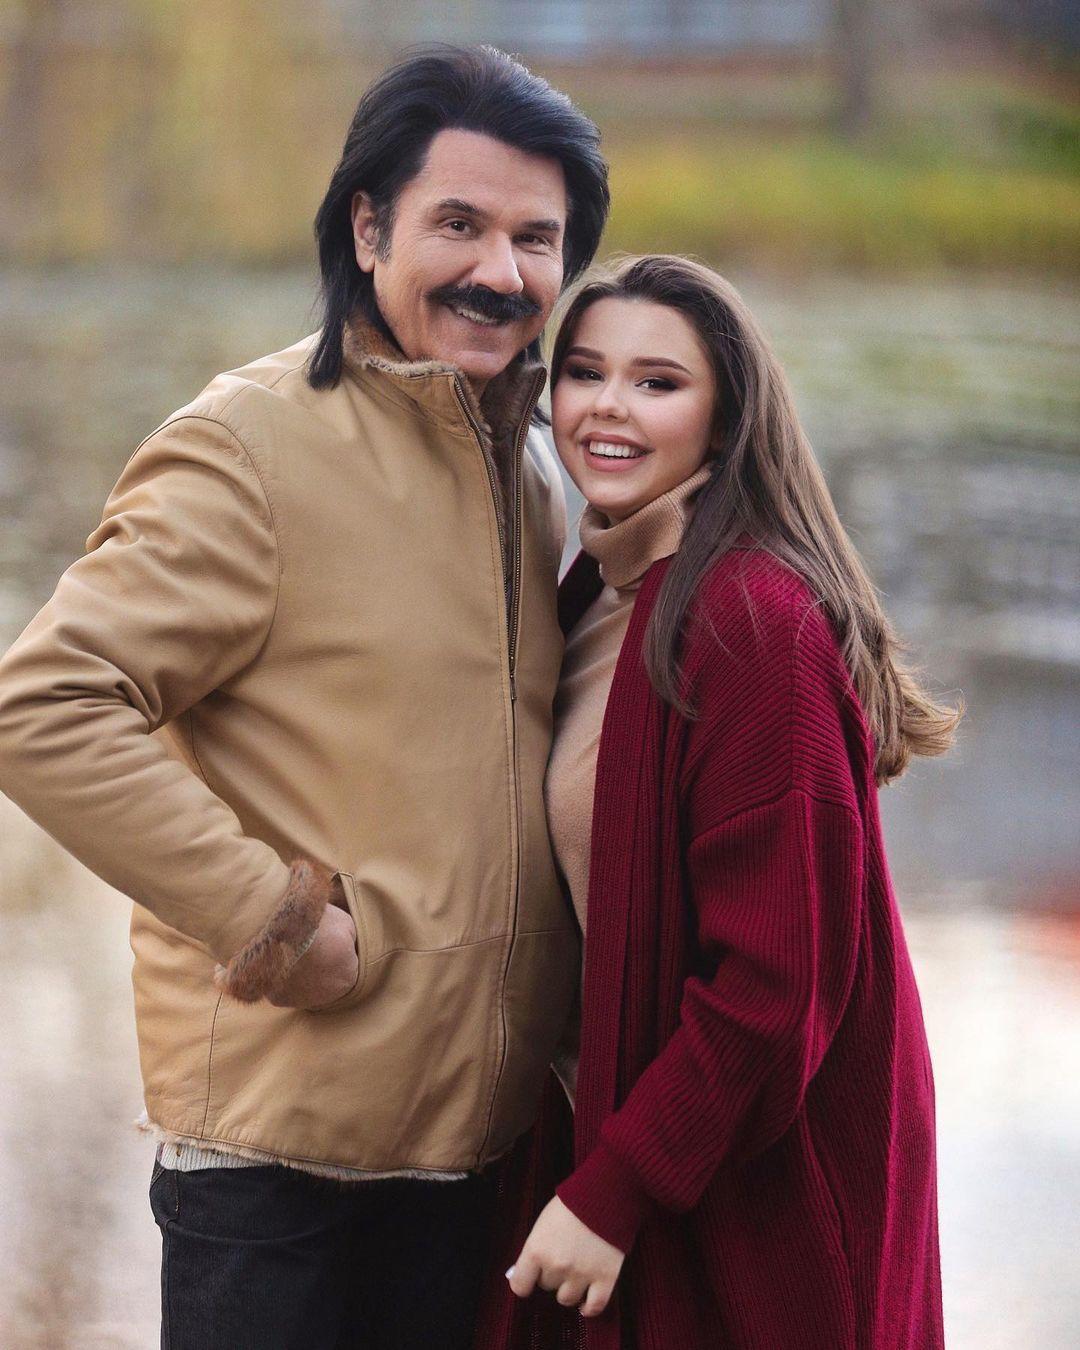 Павло Зібров розповів, чому його донька не виходить заміж за коханого-бізнесмена